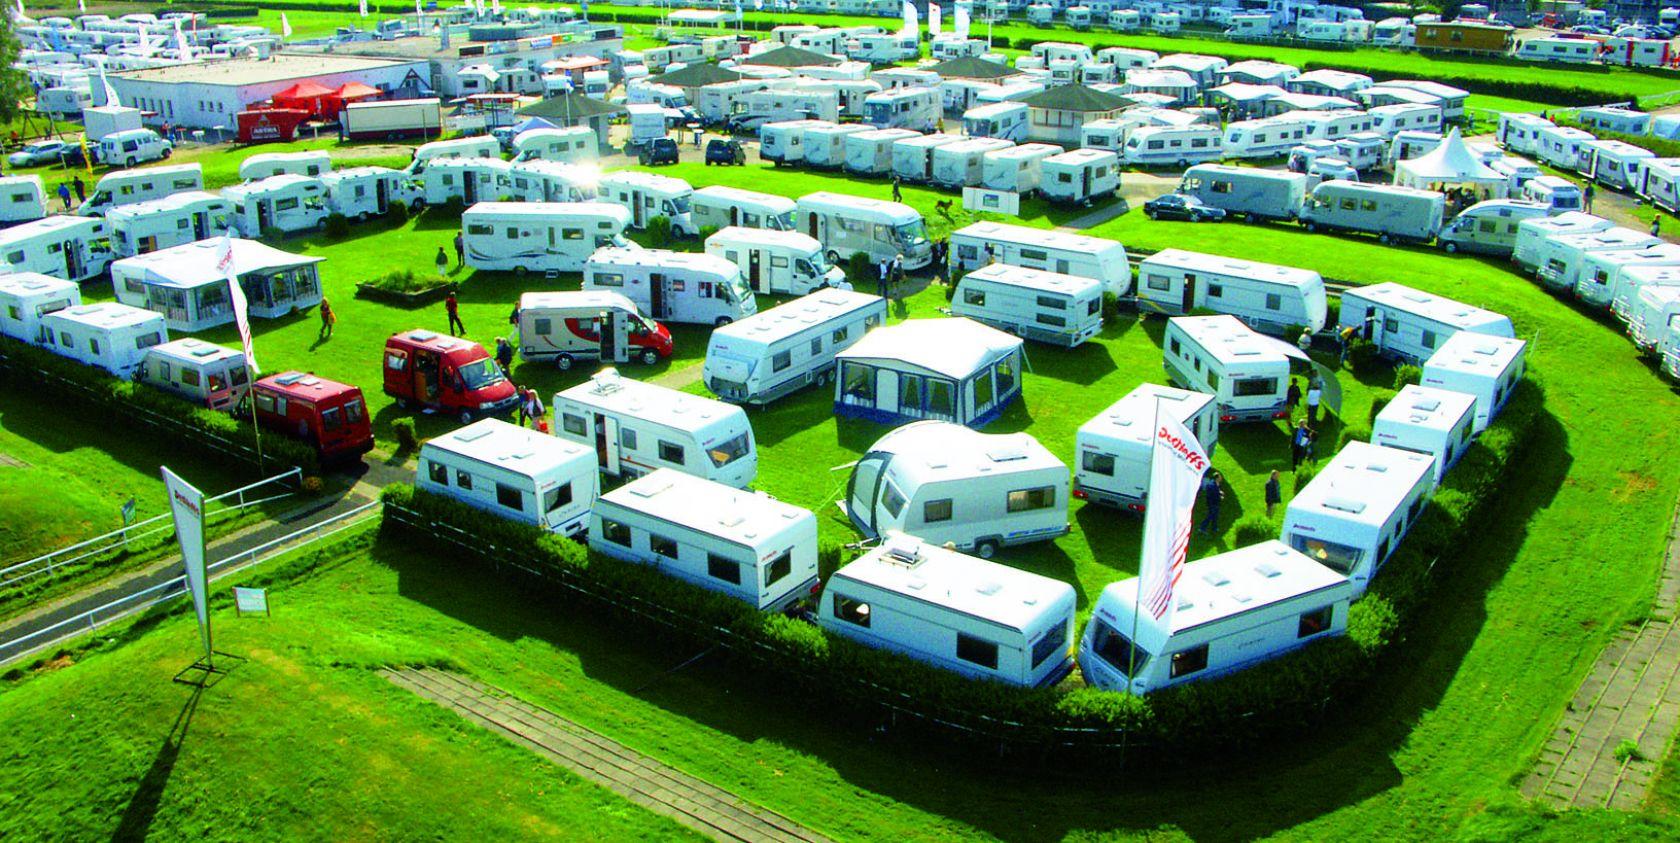 Die Hamburger Caravan-Tage in Horn (Foto: Veranstalter)